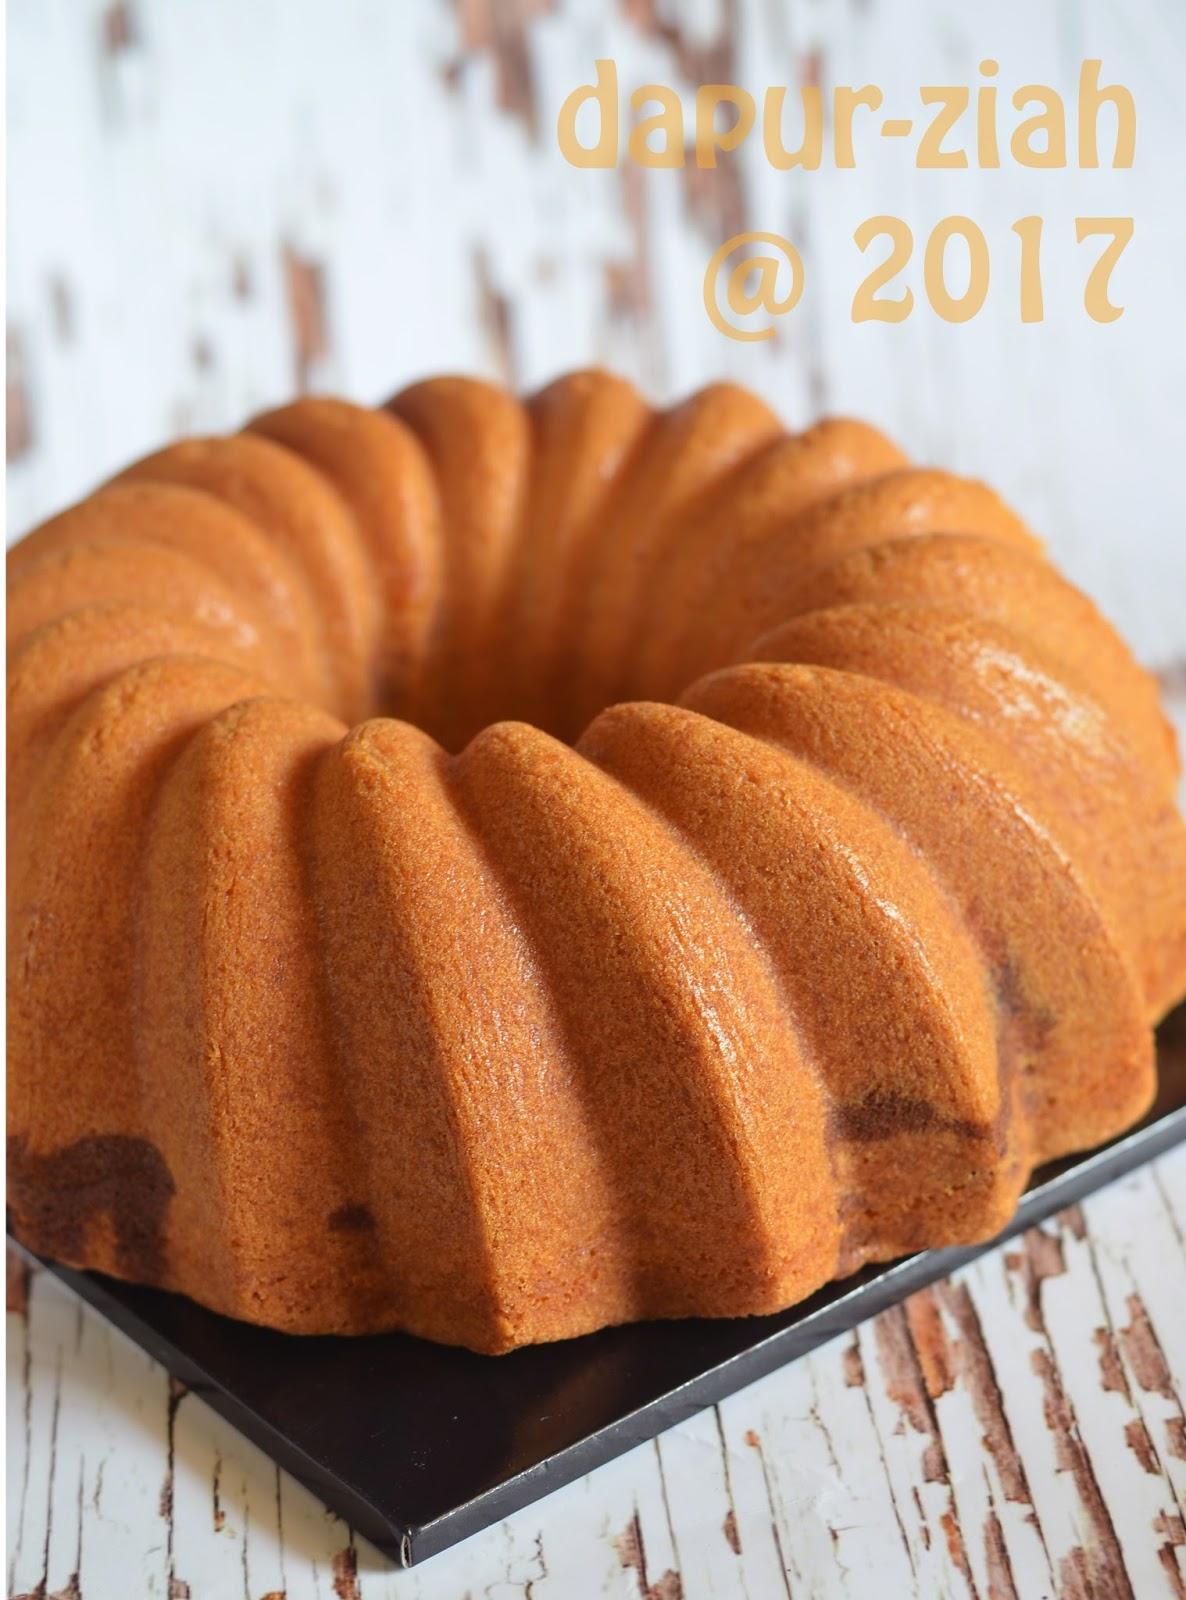 Resep Marmer Cake Lembut Dan Berminyak : resep, marmer, lembut, berminyak, Dapur-ziah, Mama'e, Marmer, Jadoel